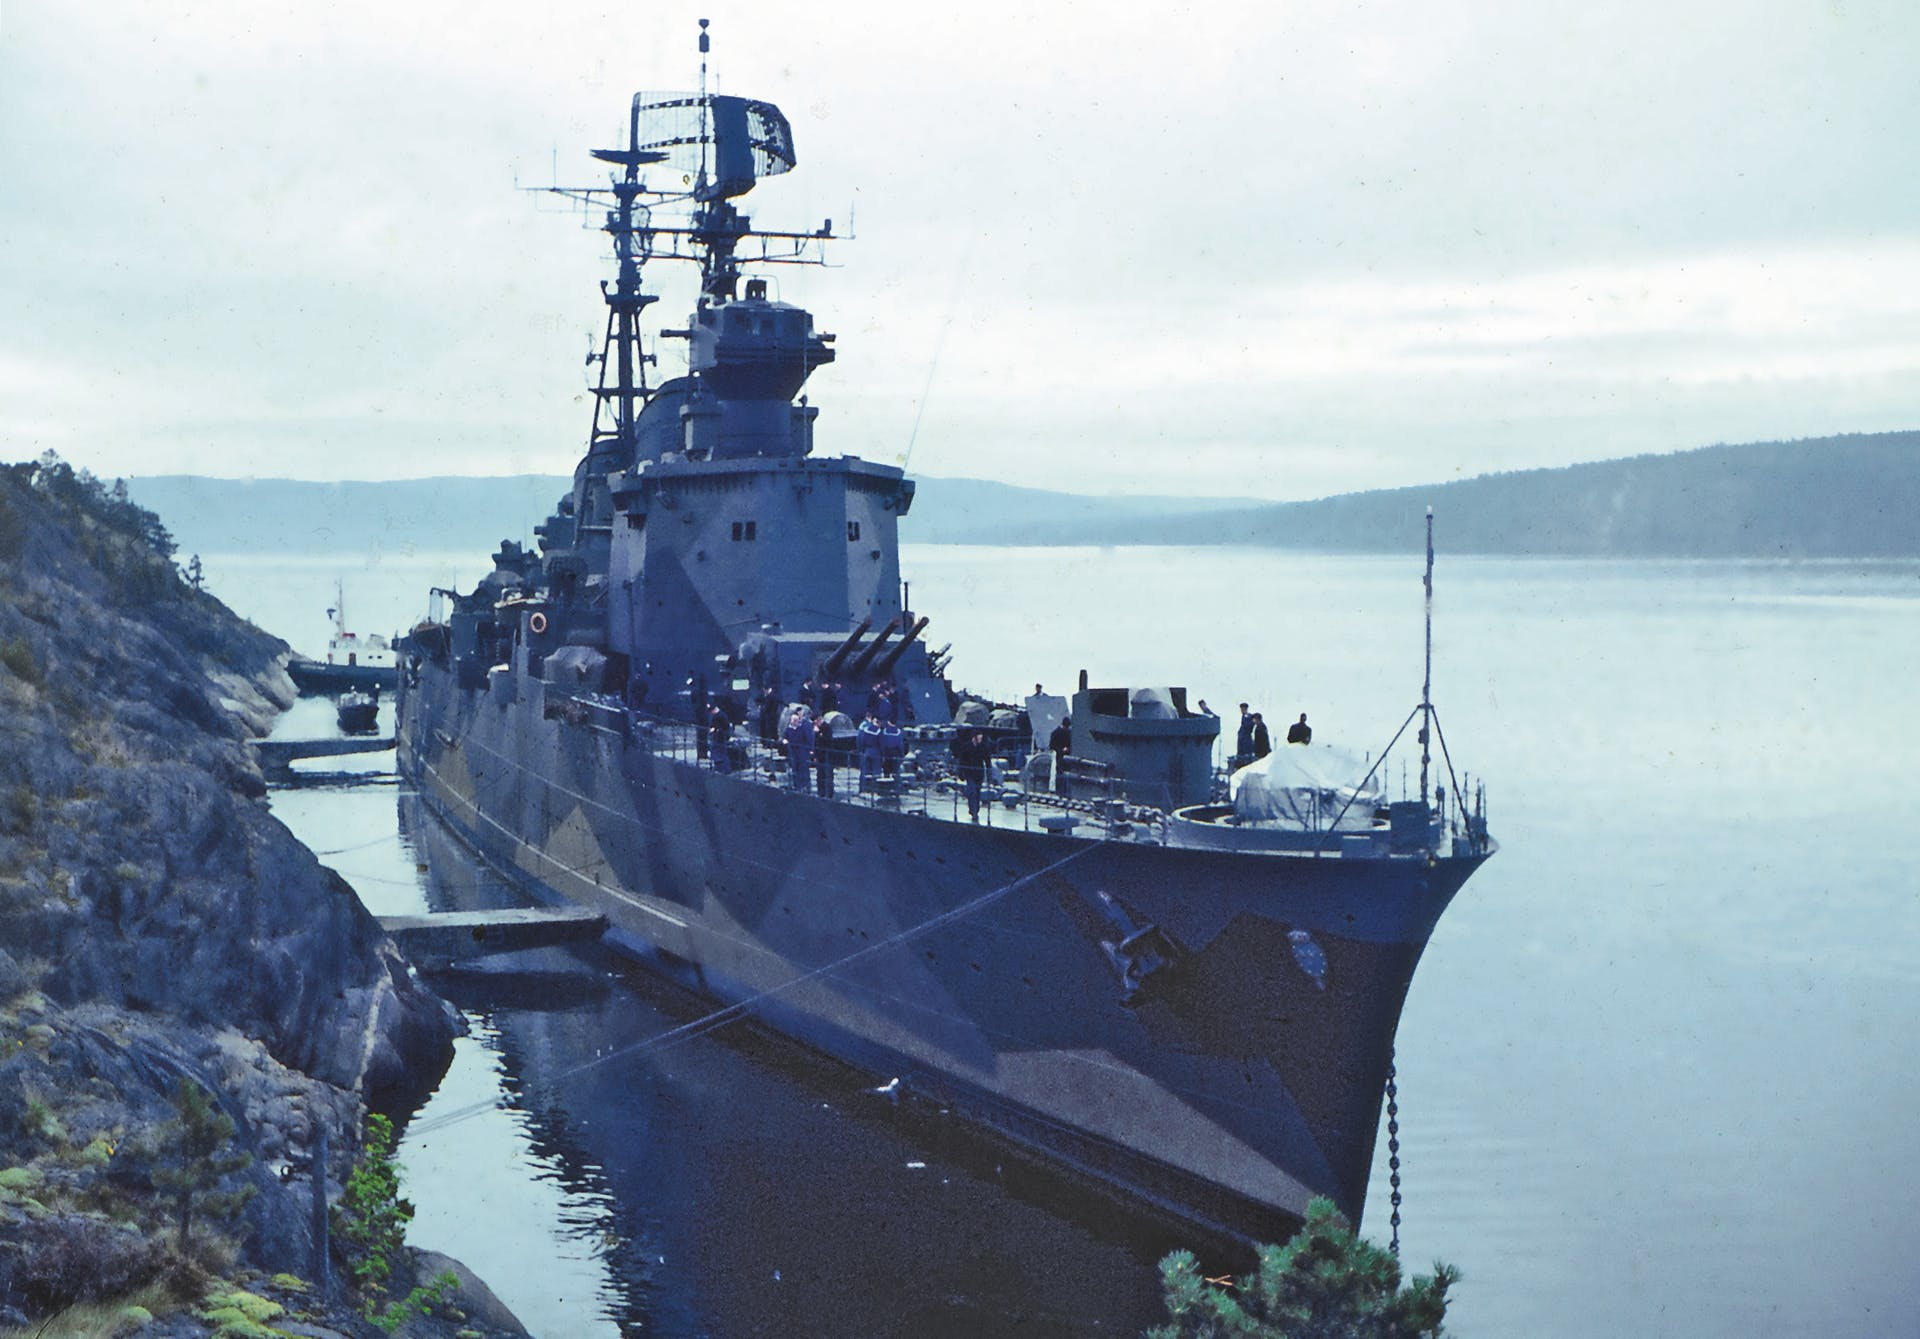 Kryssaren Göta Lejon kamouflagemålad vid en krigsförtöjningsplats 1963-64.